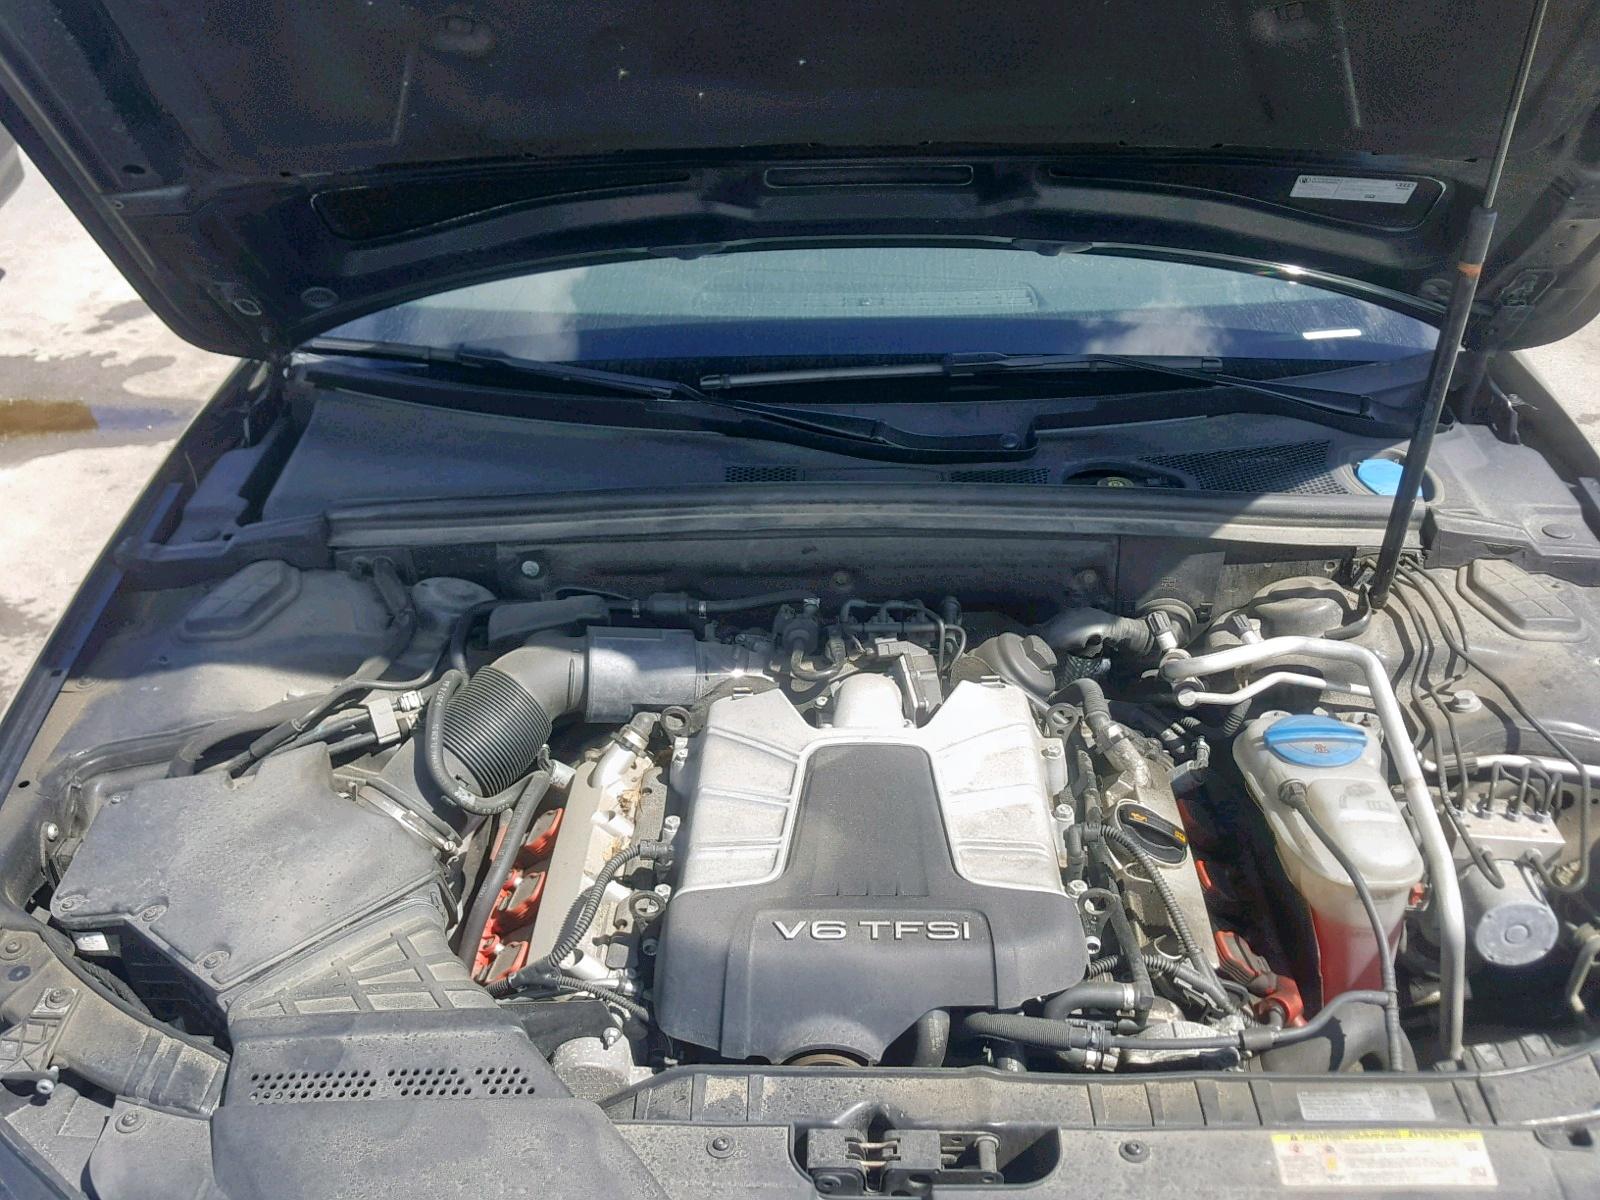 WAUBGAFL2BA031403 - 2011 Audi S4 Premium 3.0L inside view